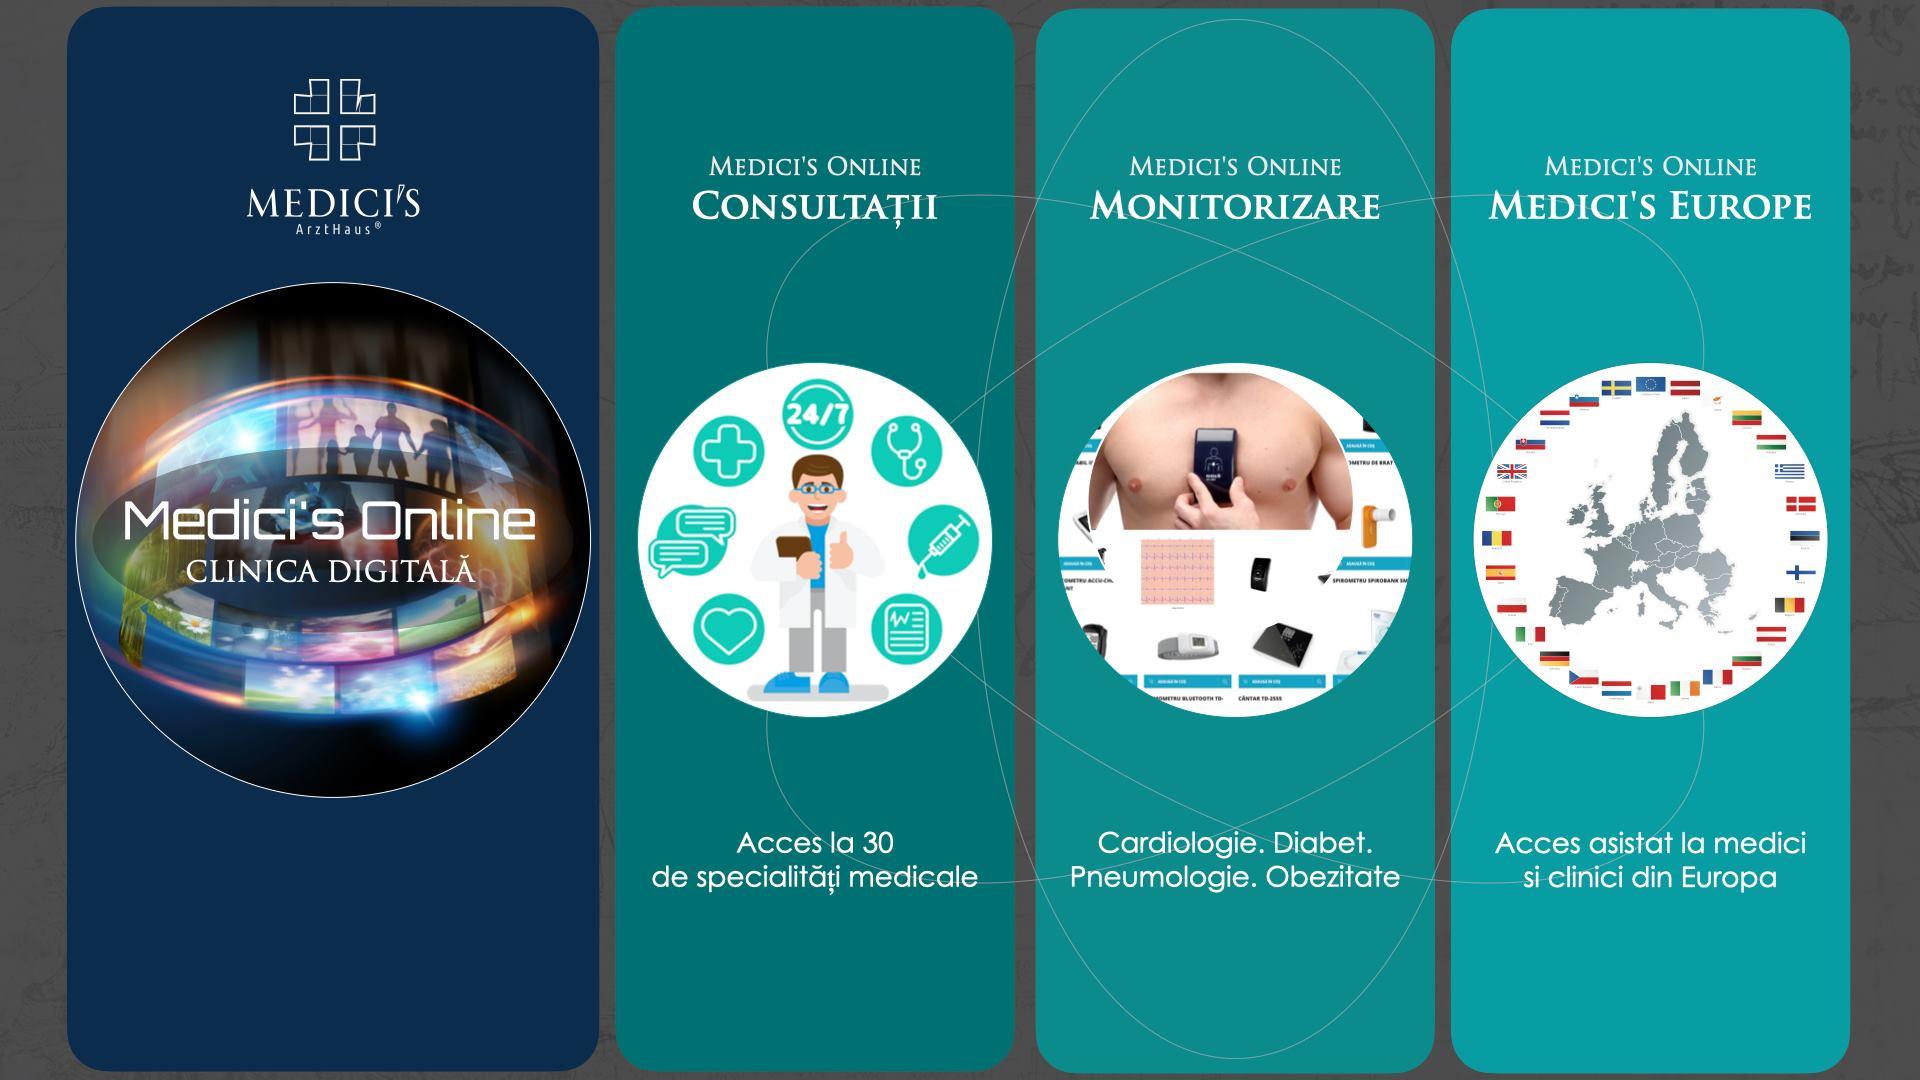 Medici's Online